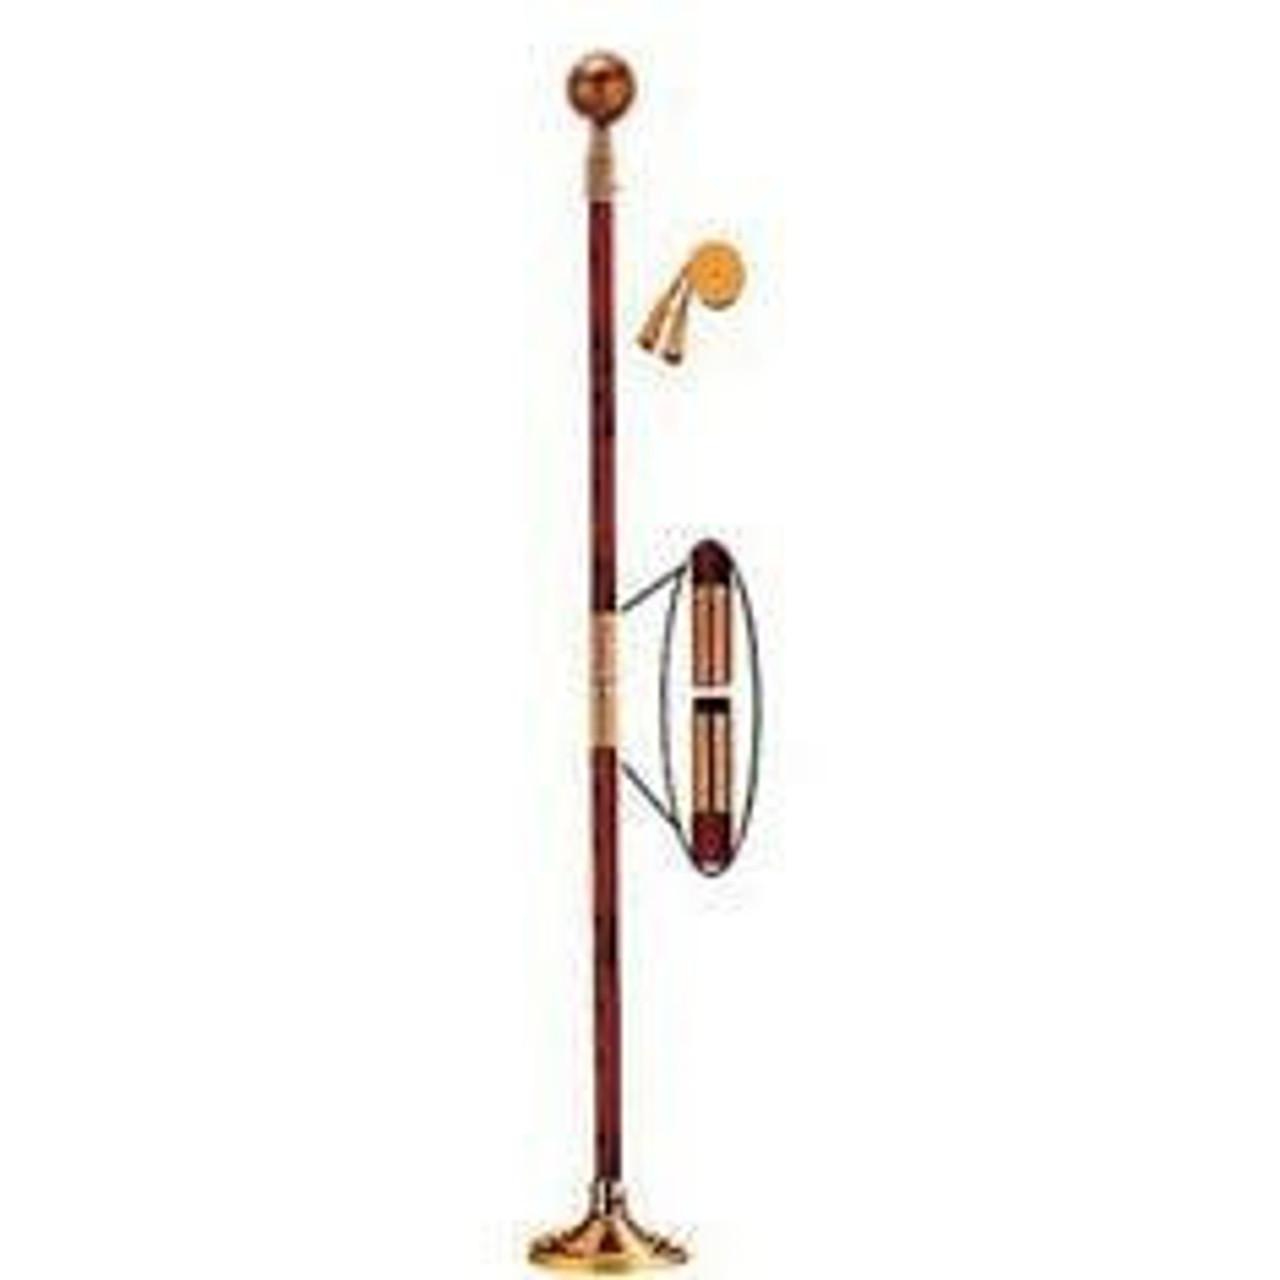 Indoor Display Pole w/ Gold Ball